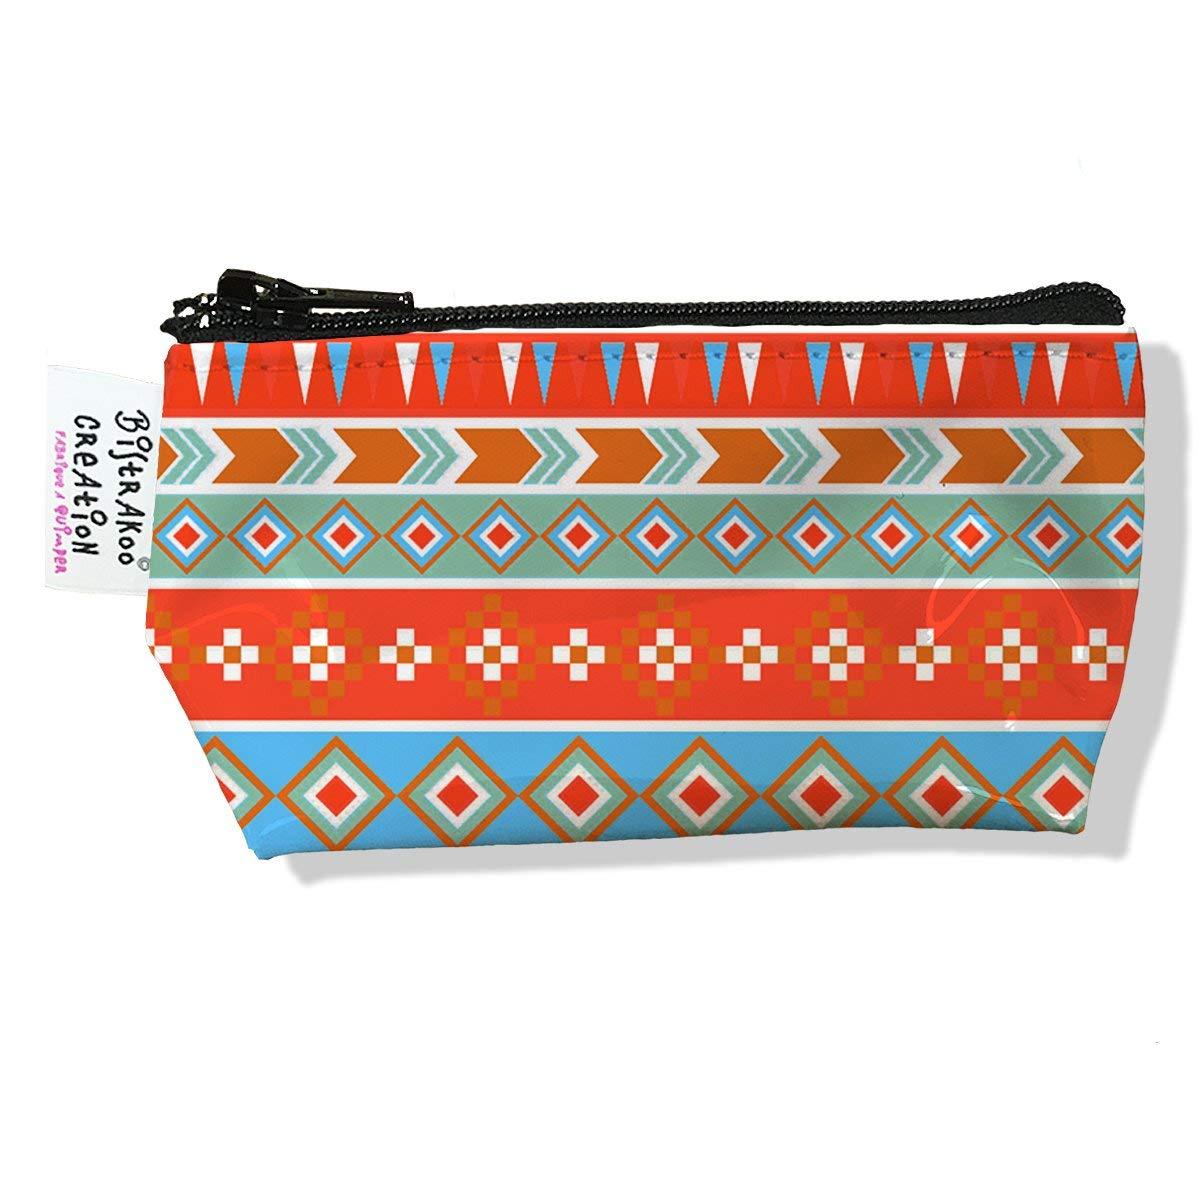 Porte monnaie bourse pour femme motif Graphique bleu et orange 2318